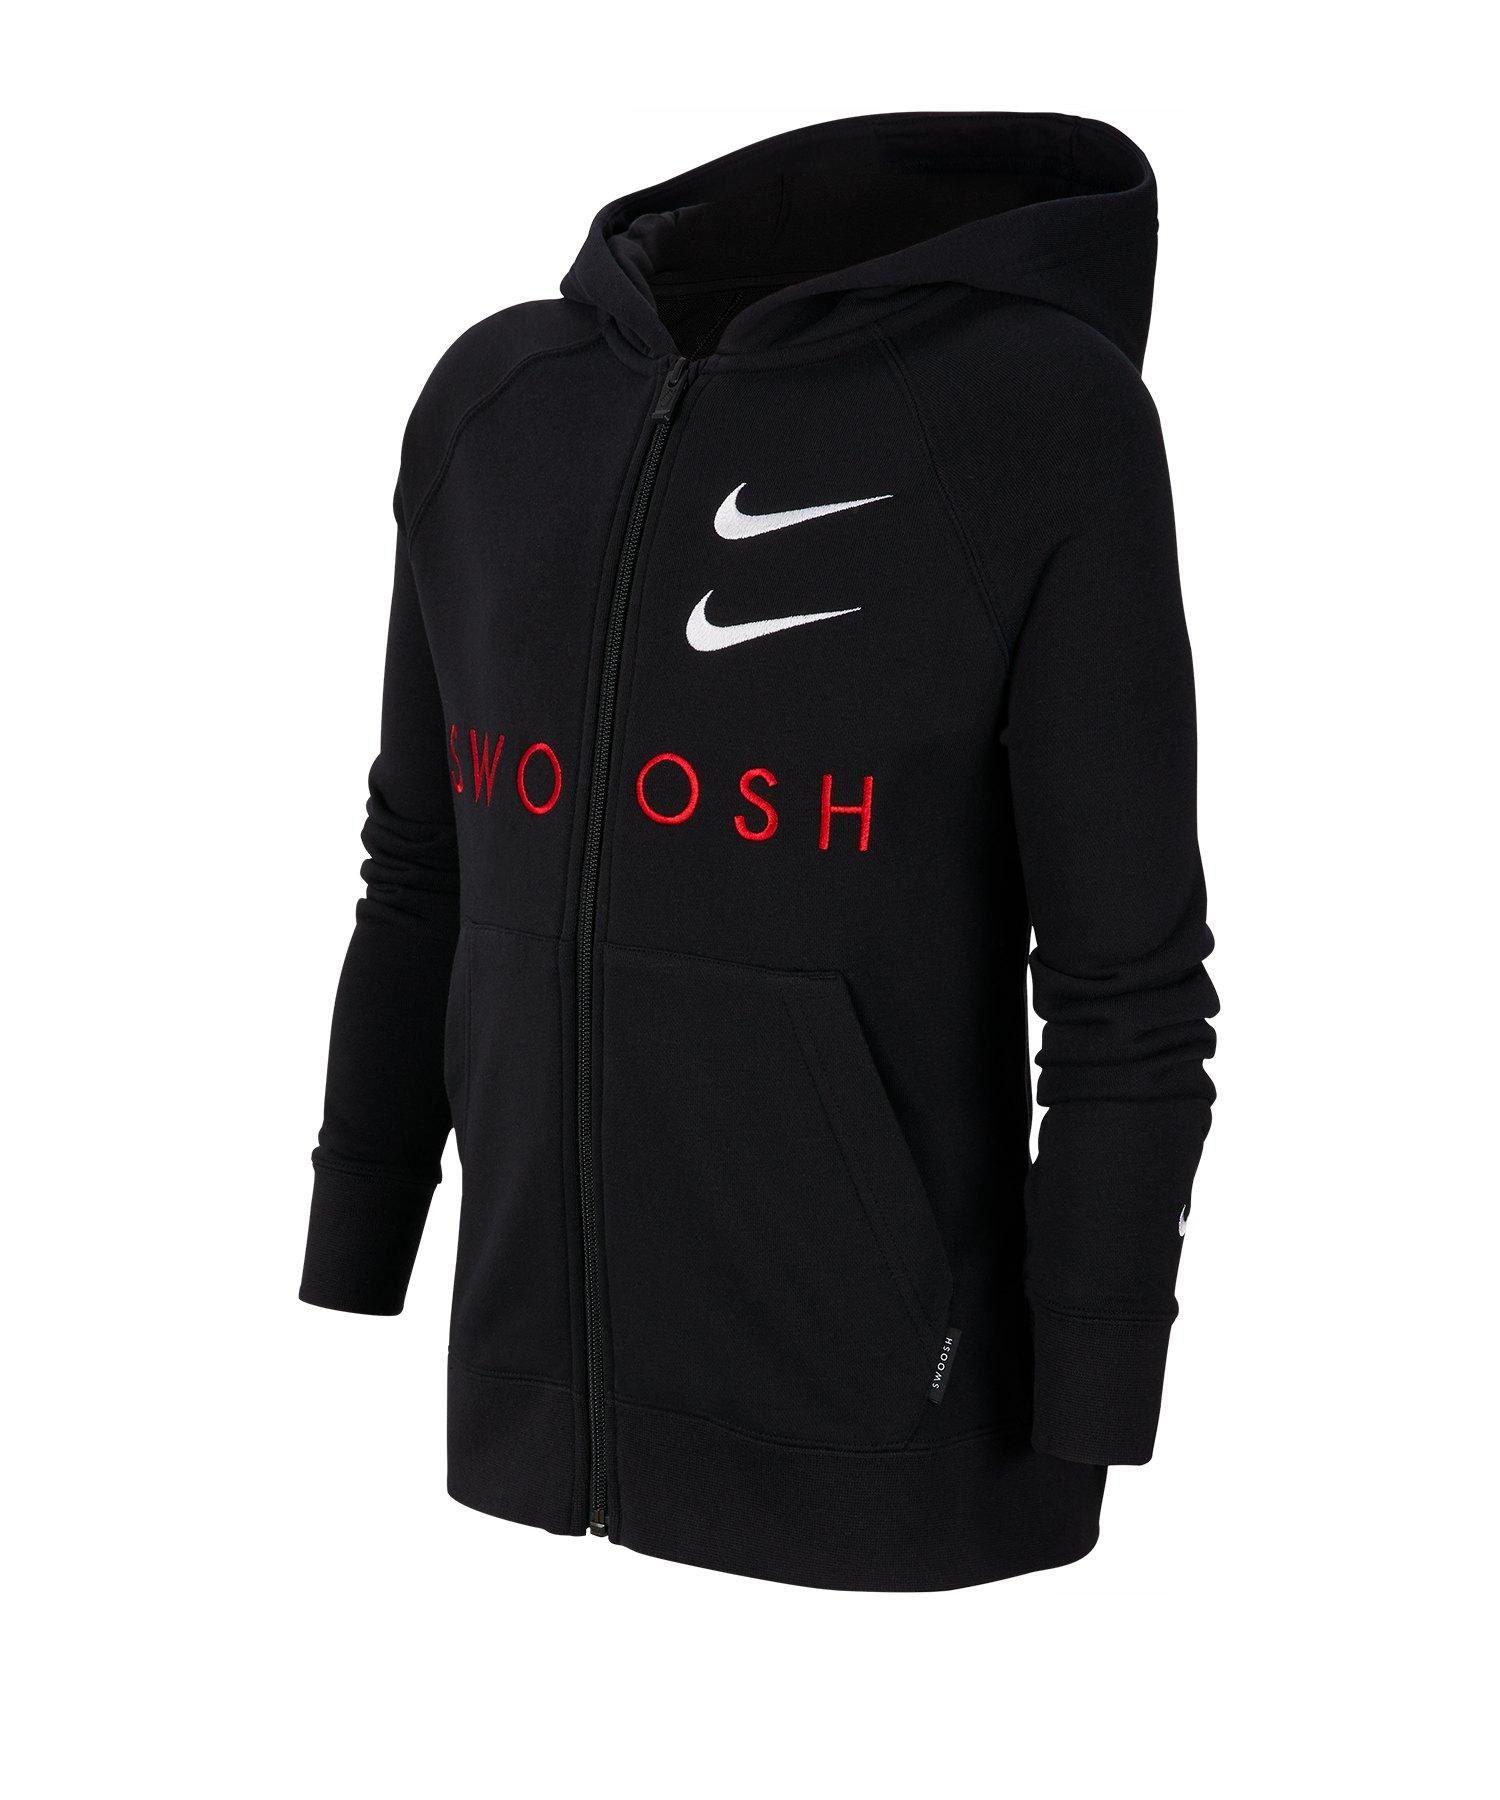 Nike Swoosh Kapuzenjacke Kids Schwarz F010 - schwarz